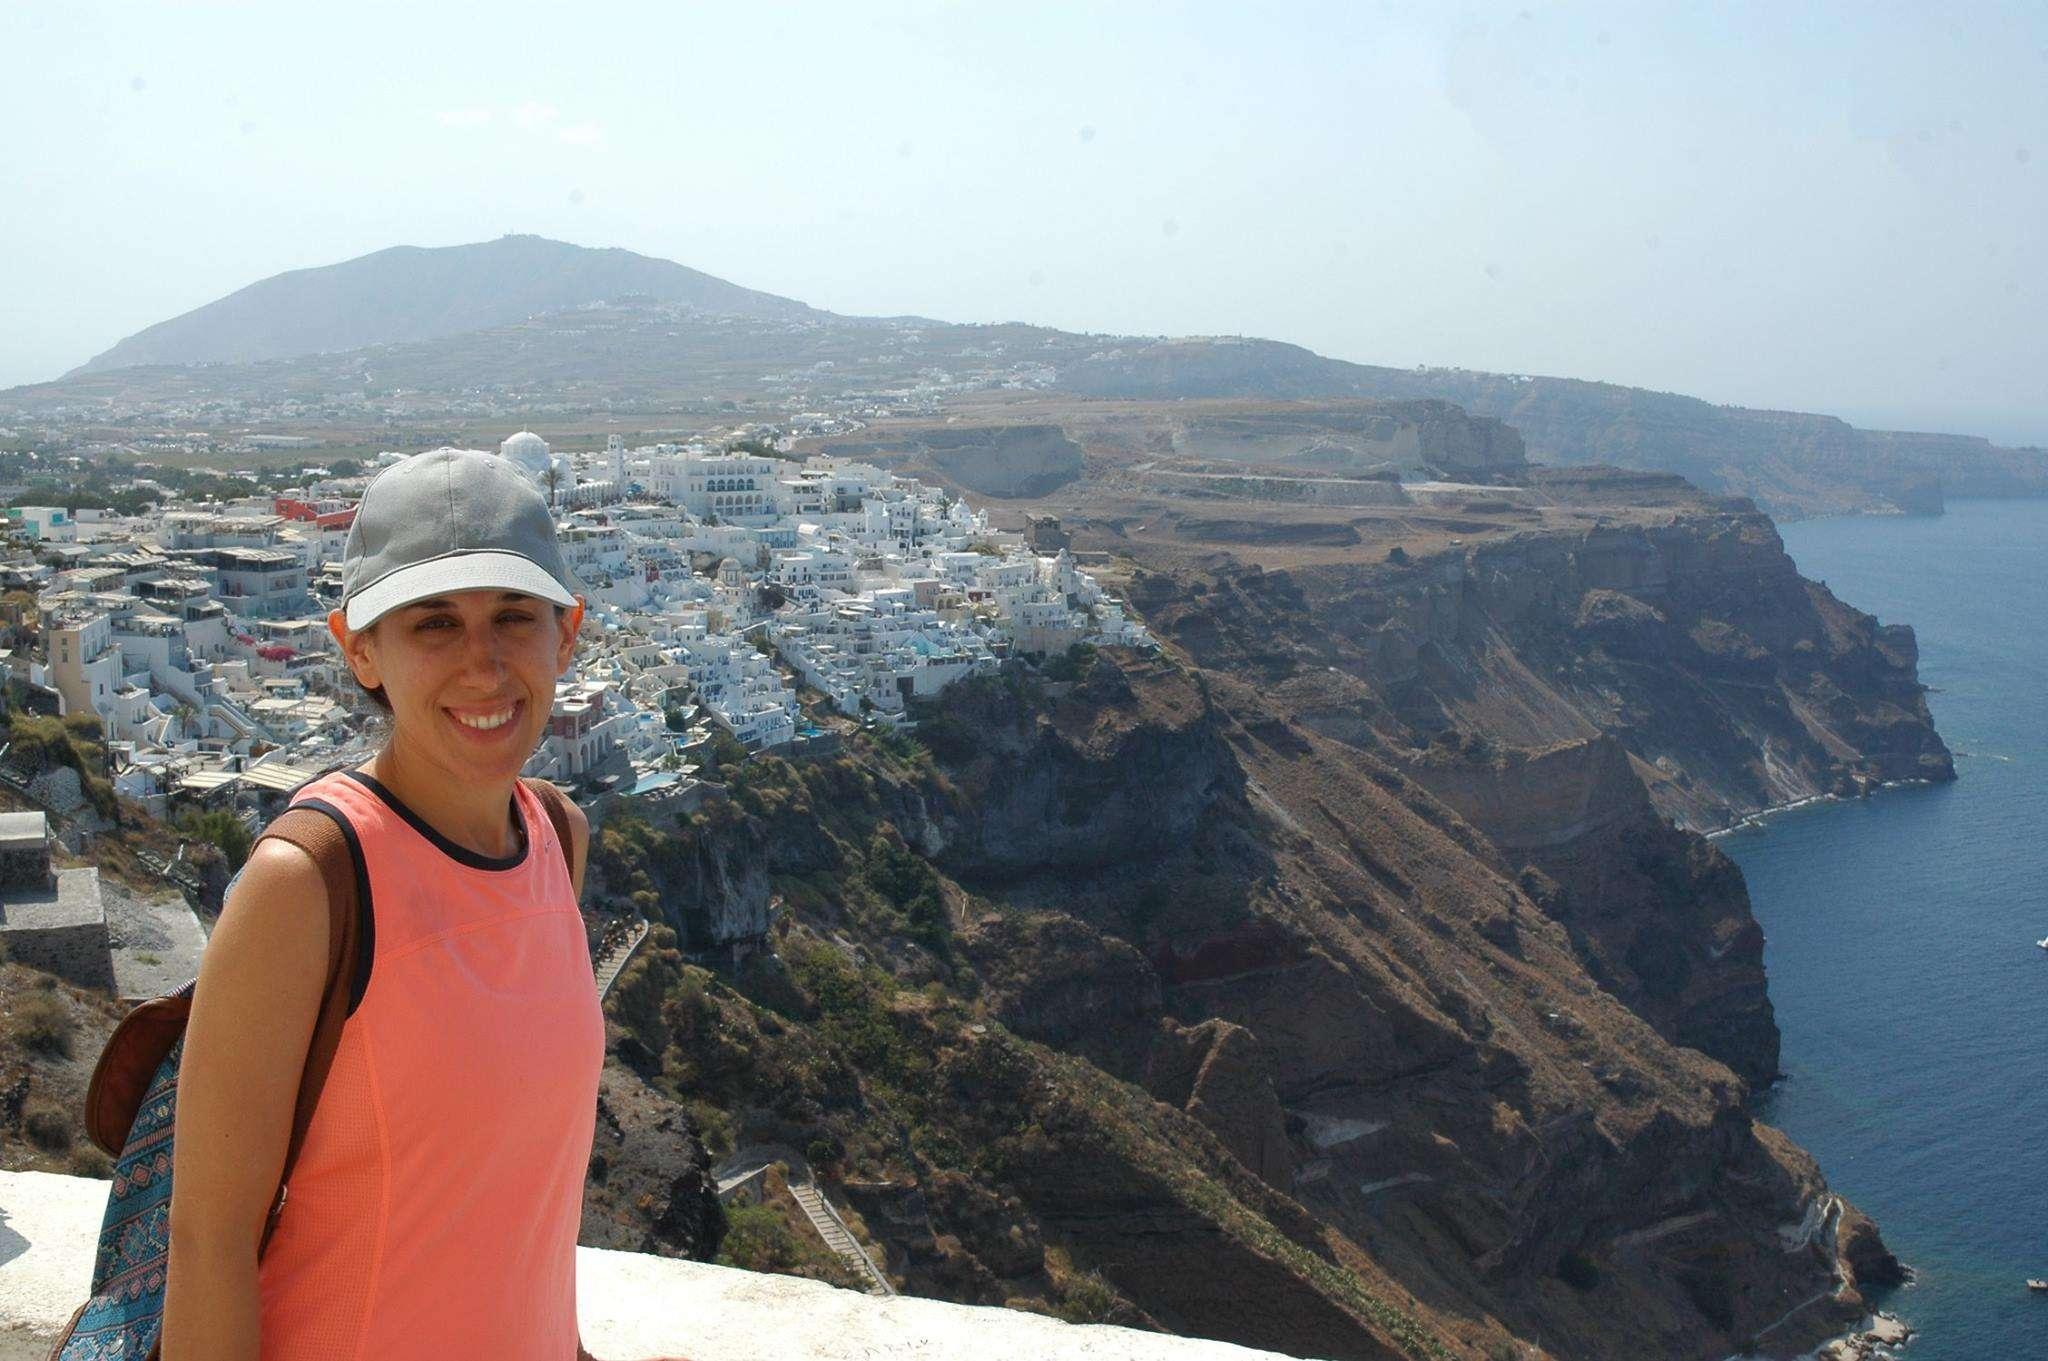 Overlooking Fira, Santorini